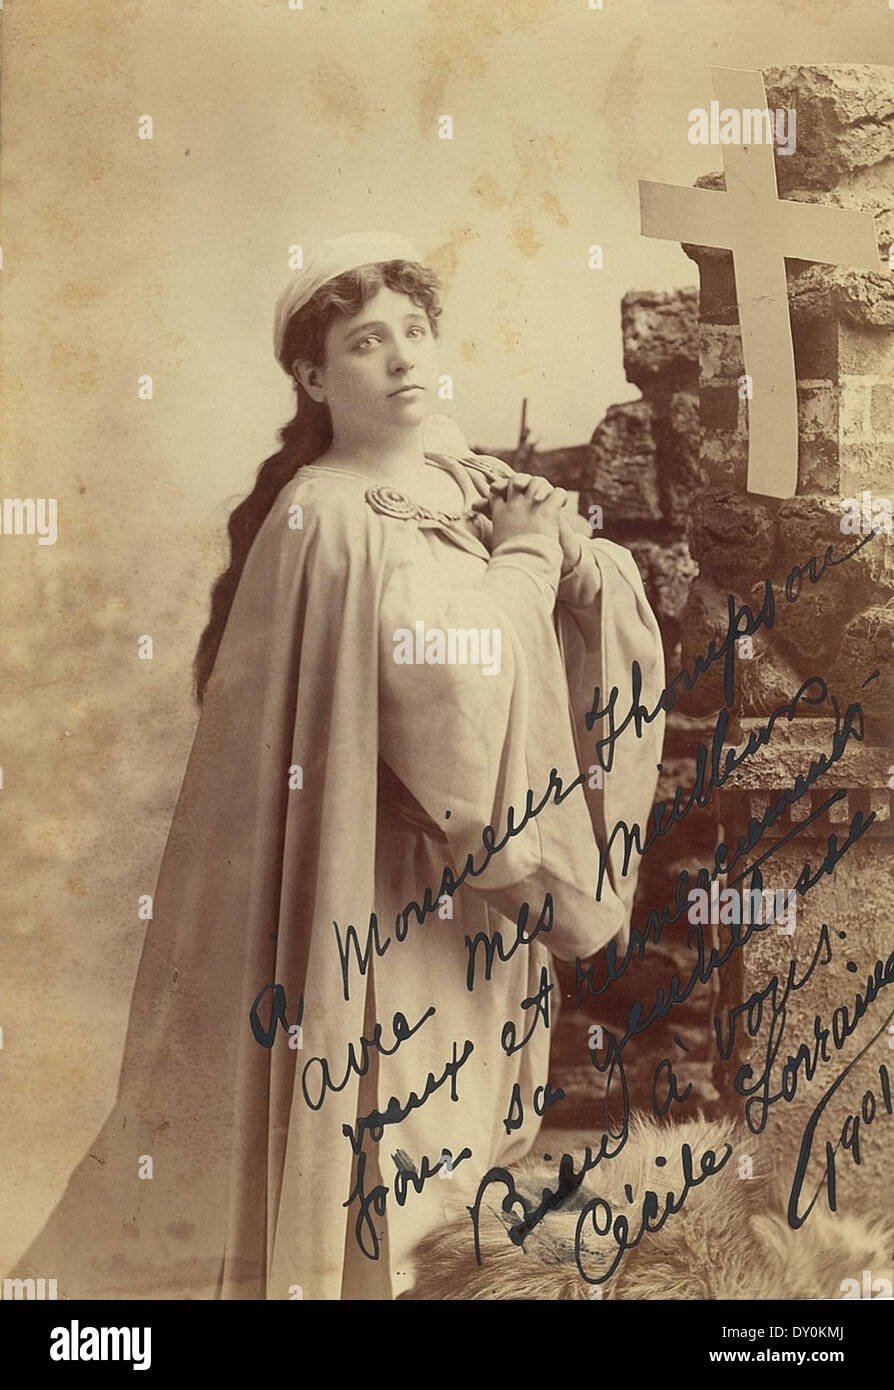 Cecile Lorraine, American soprano, as Marguerite in Faust (or as Leonora in La Forza del destino), 1901 / photographer Grouzelle Studios - Stock Image